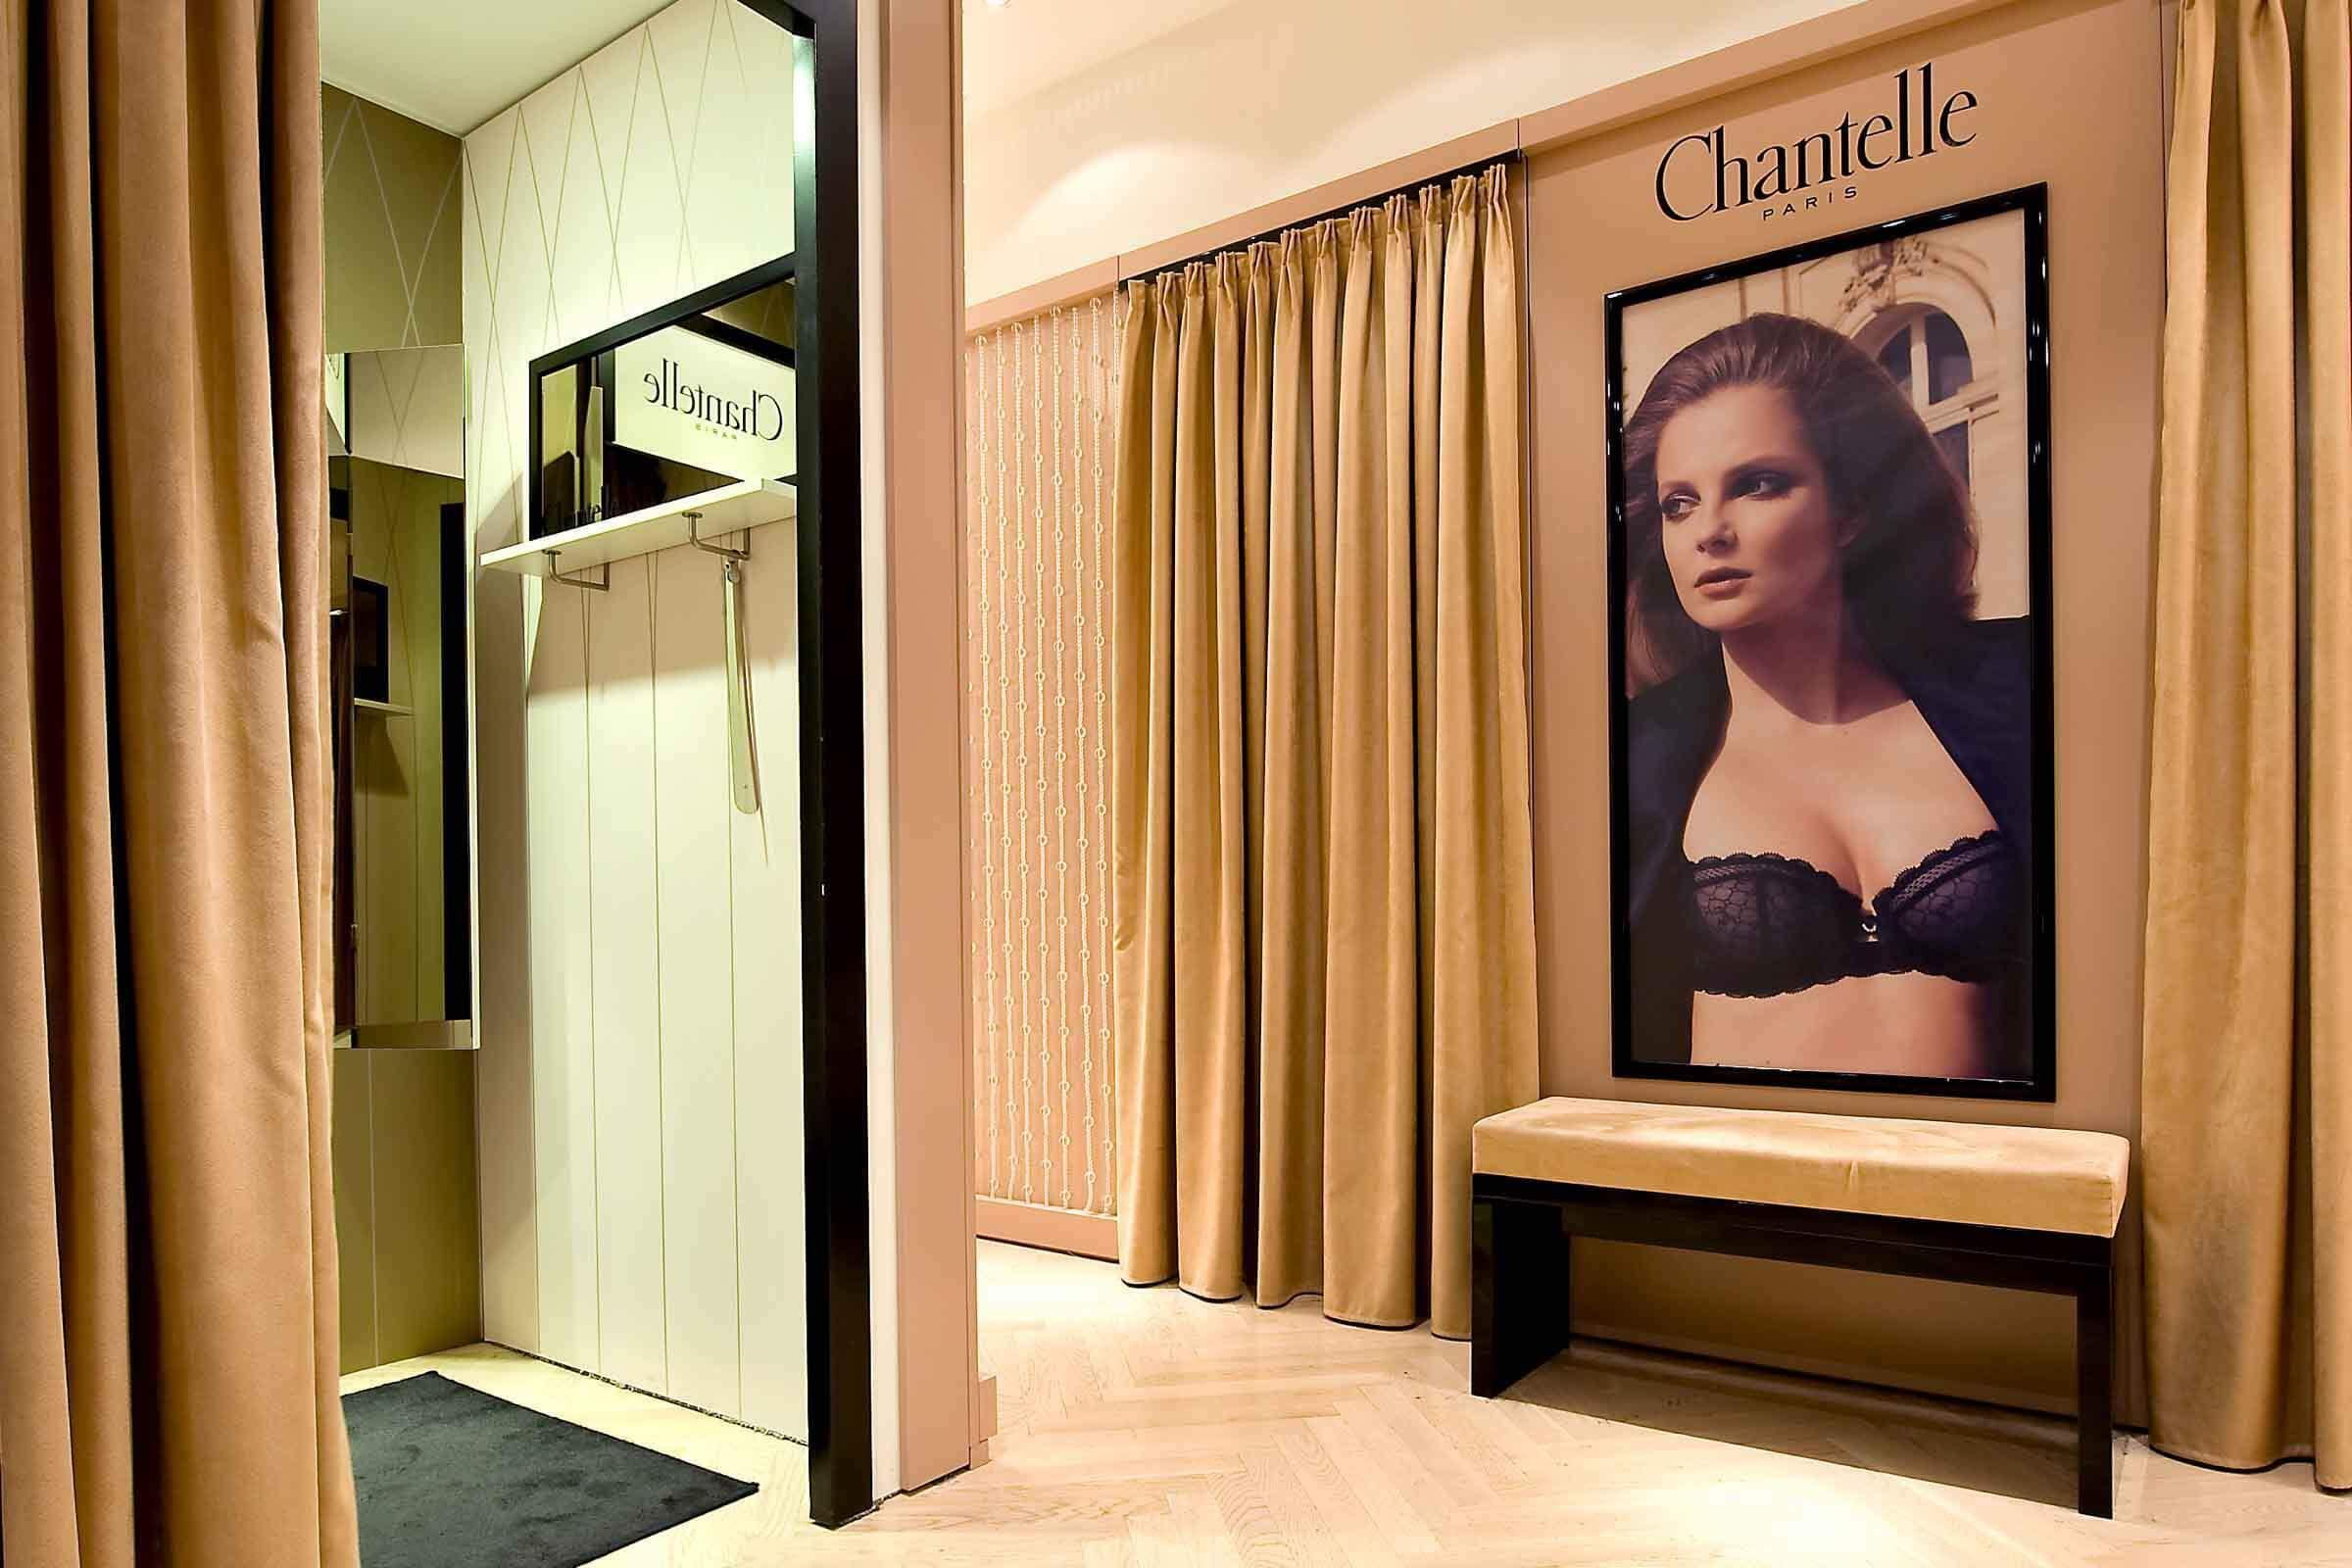 Chantelle Umkleidekabine auf der Shop-in-Shop Verkaufsfläche